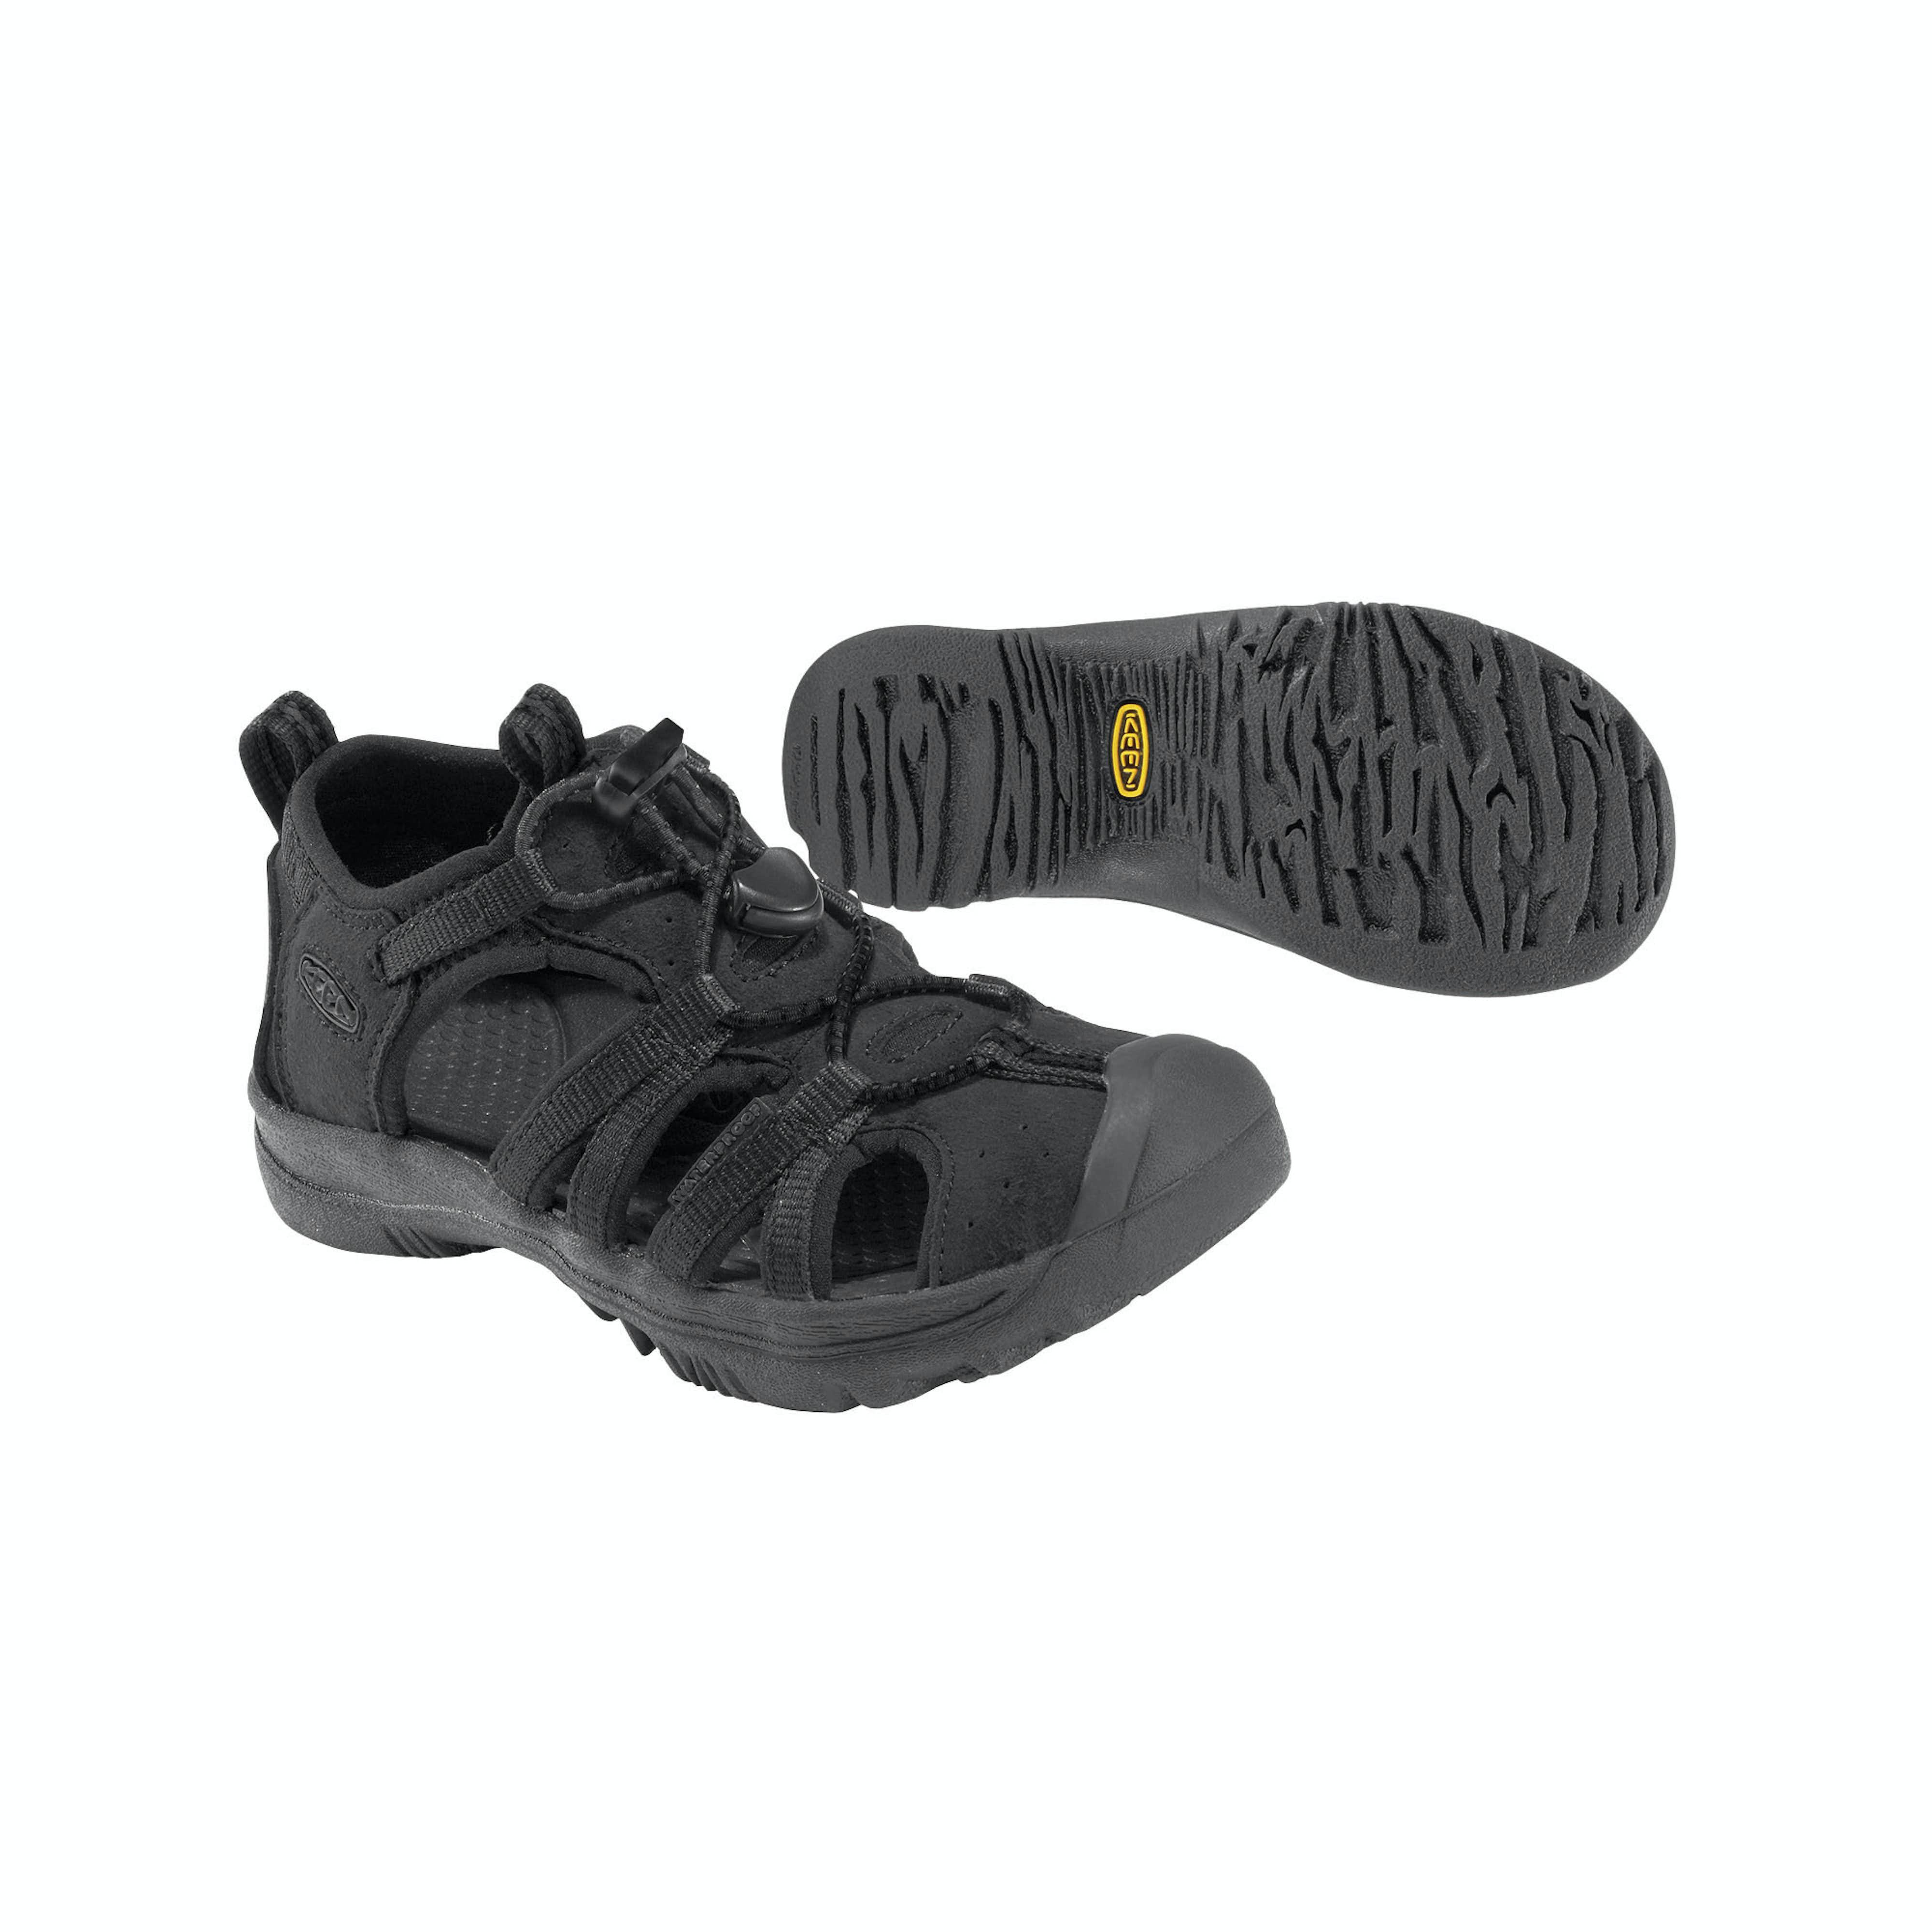 dcae9eb6947c Keen Kanyon Kids  Sandals - Black Black